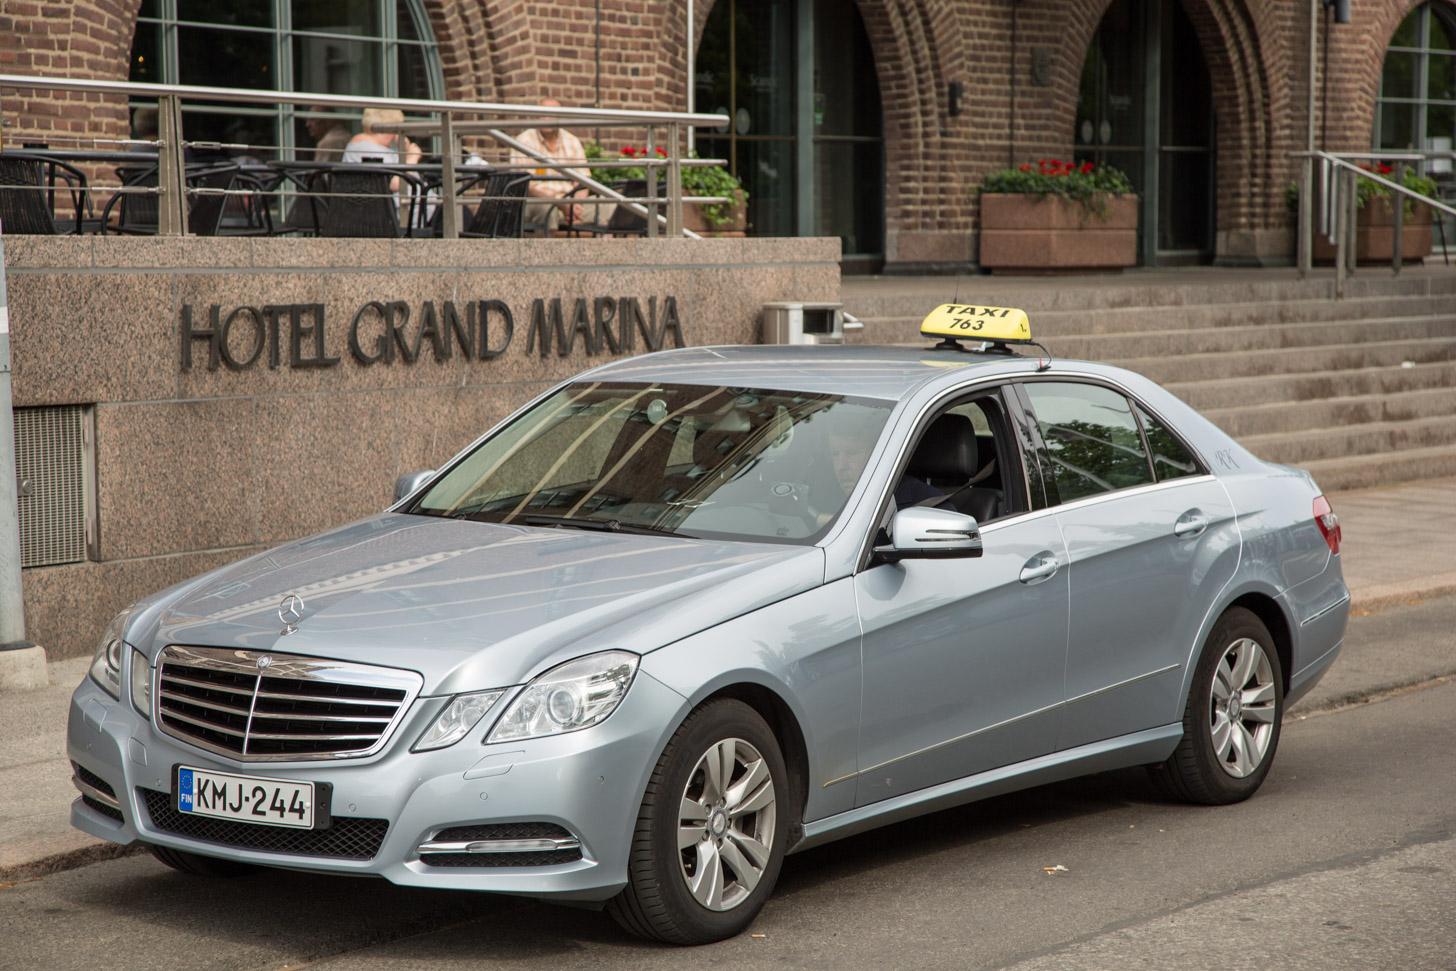 Taxi in Helsinki